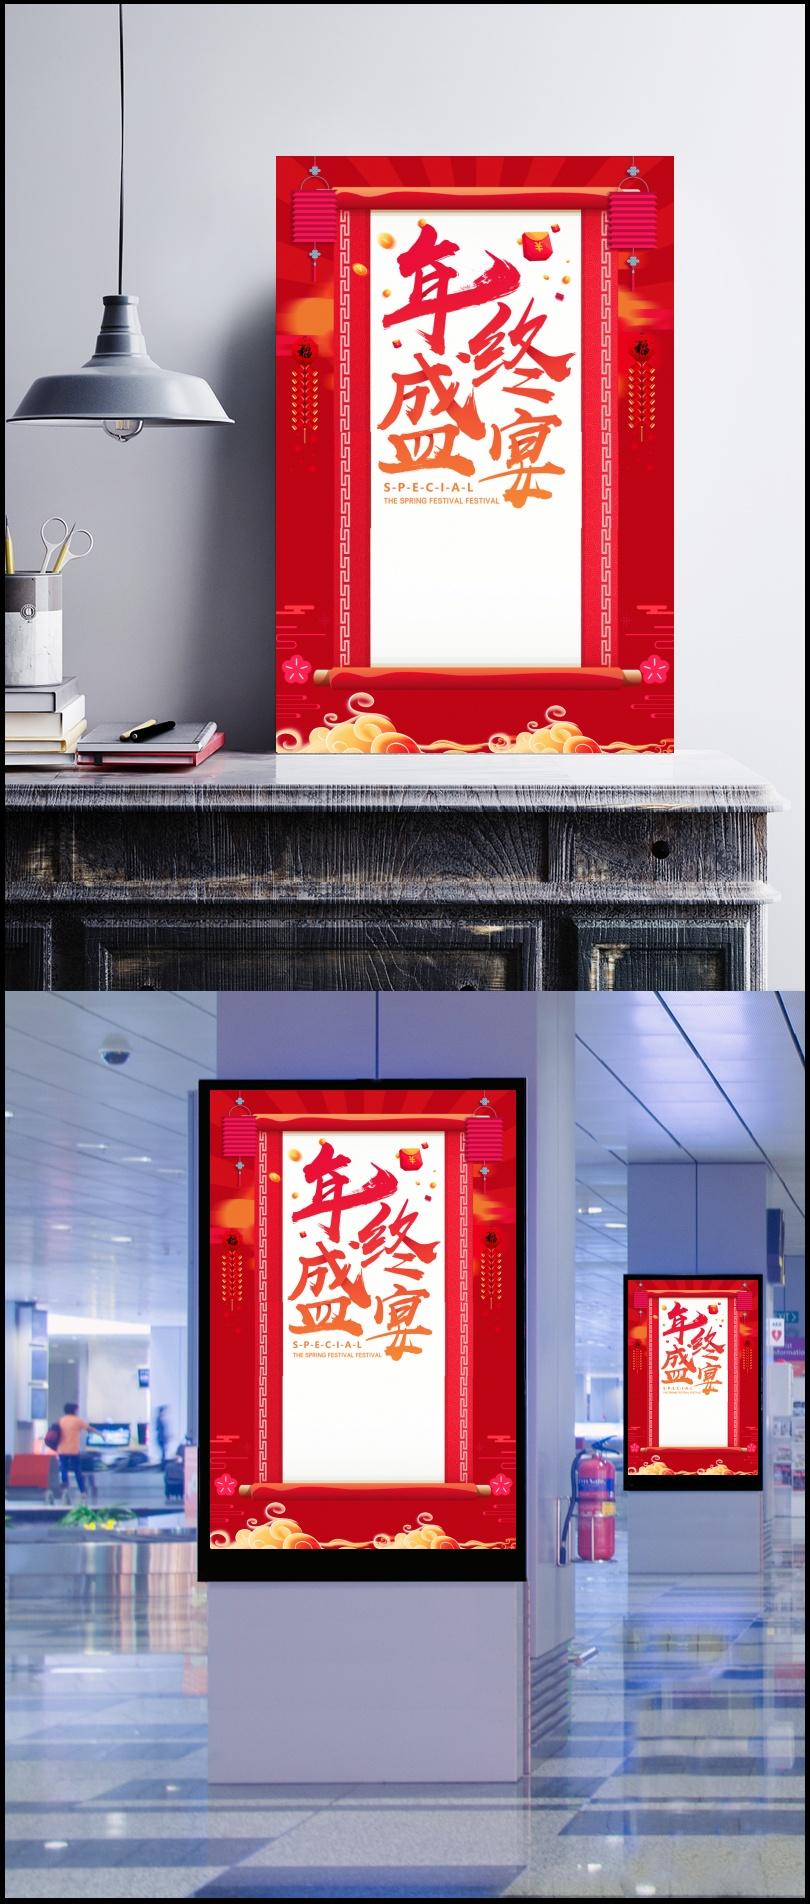 紅色年終盛宴低價狂歡促銷海報